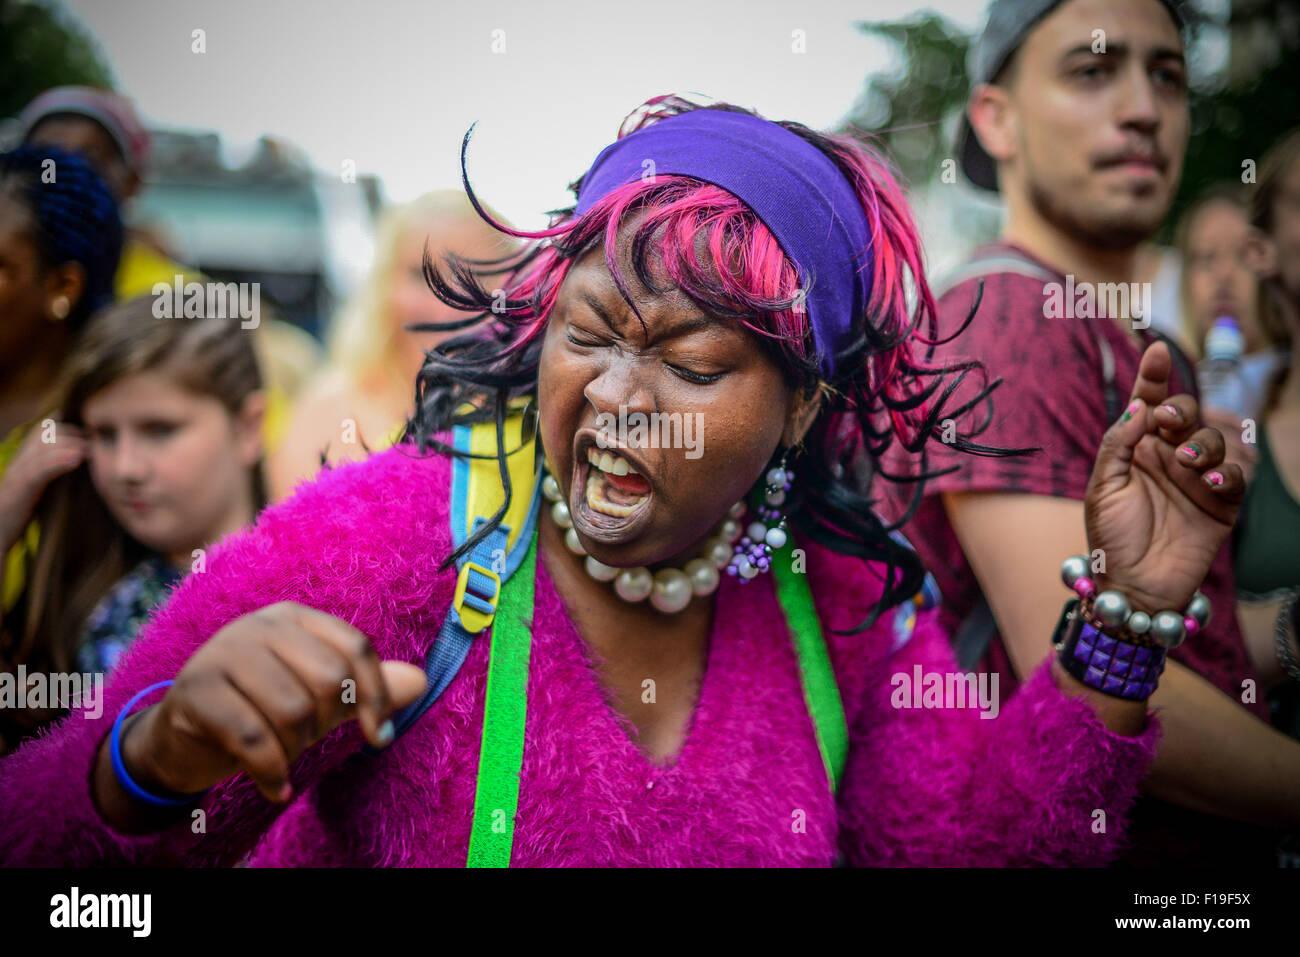 Londres, Reino Unido. El 30 de agosto, 2015. Cientos de jóvenes participan en un gran desfile de carrozas y Imagen De Stock